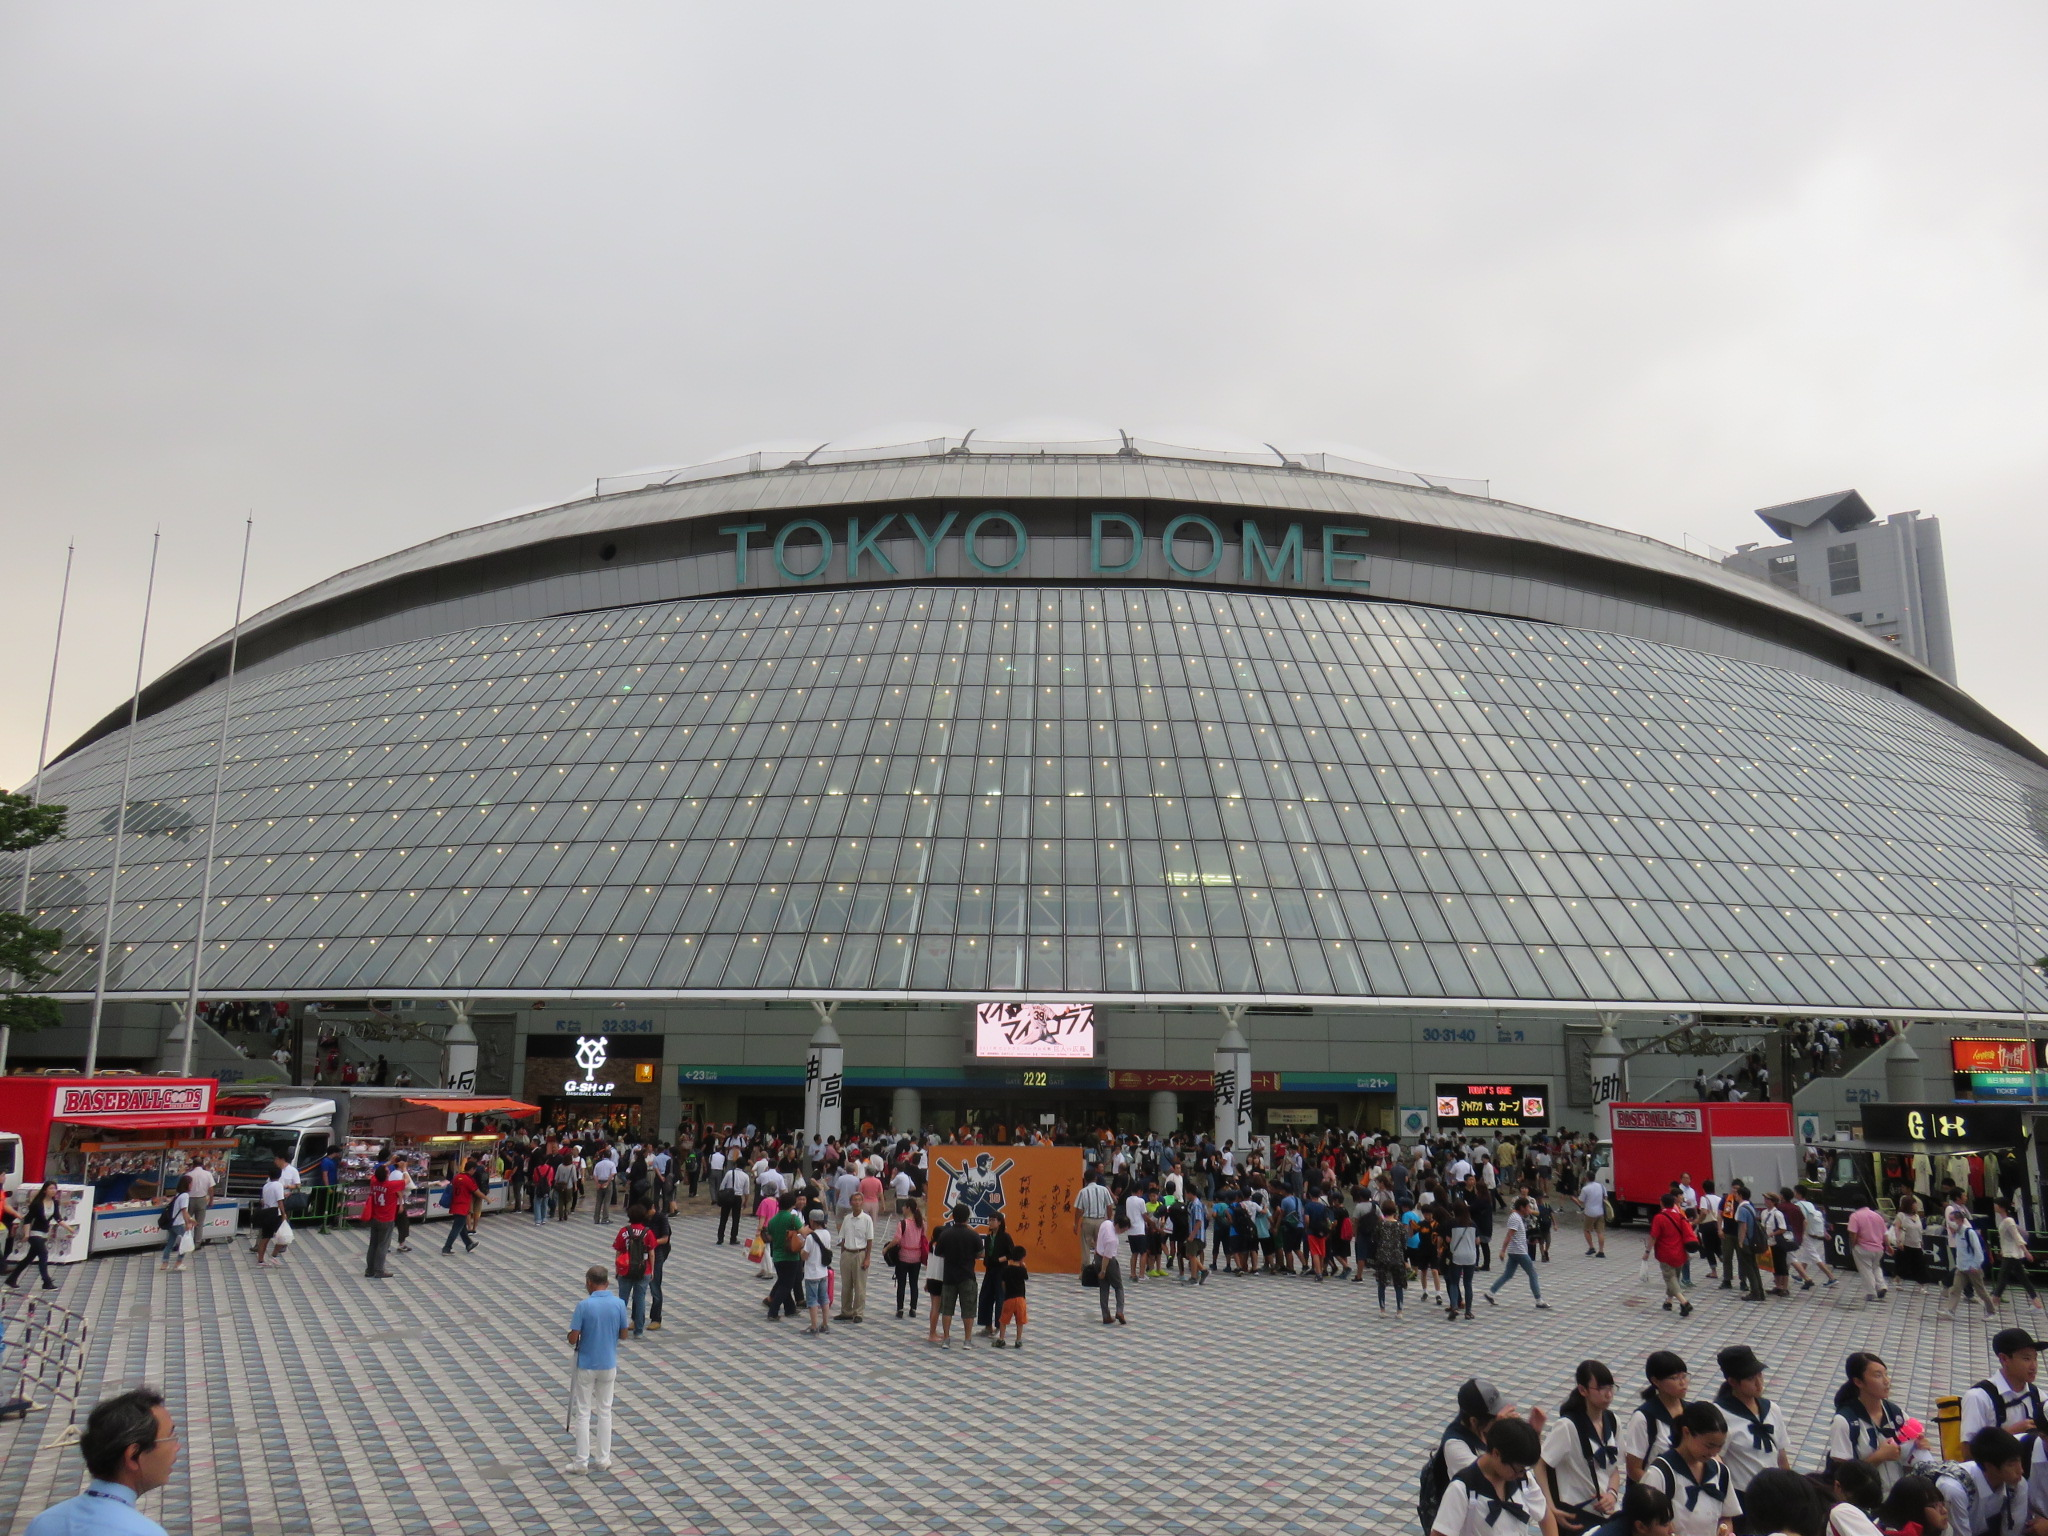 世界野球プレミア12 侍ジャパンの試合の空席が多い原因はこれだ